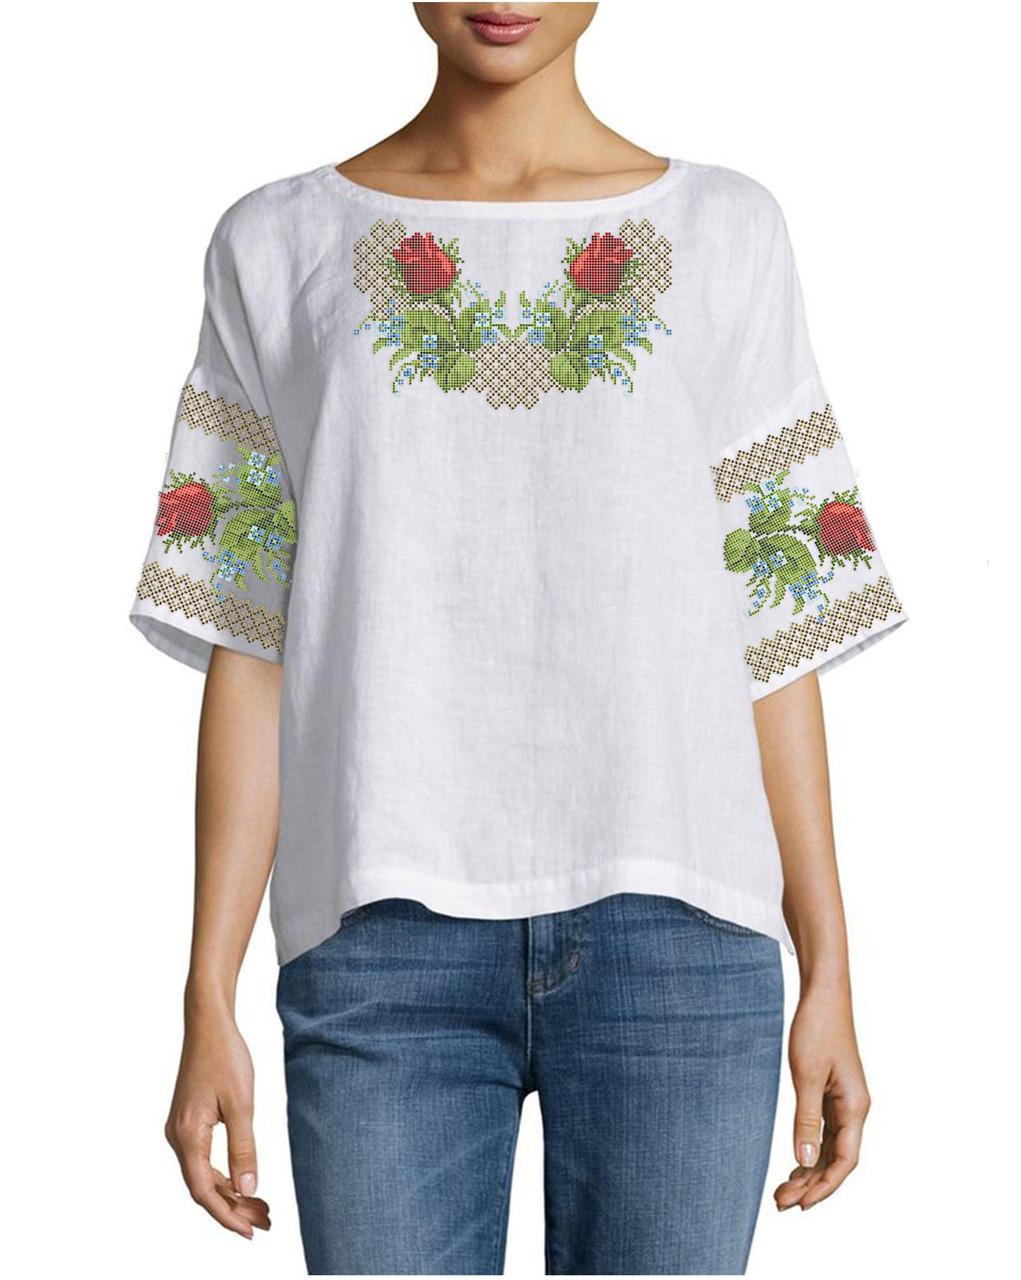 Заготовка вышиванки женской сорочки / блузы для вышивки бисером «Рози і незабудки»